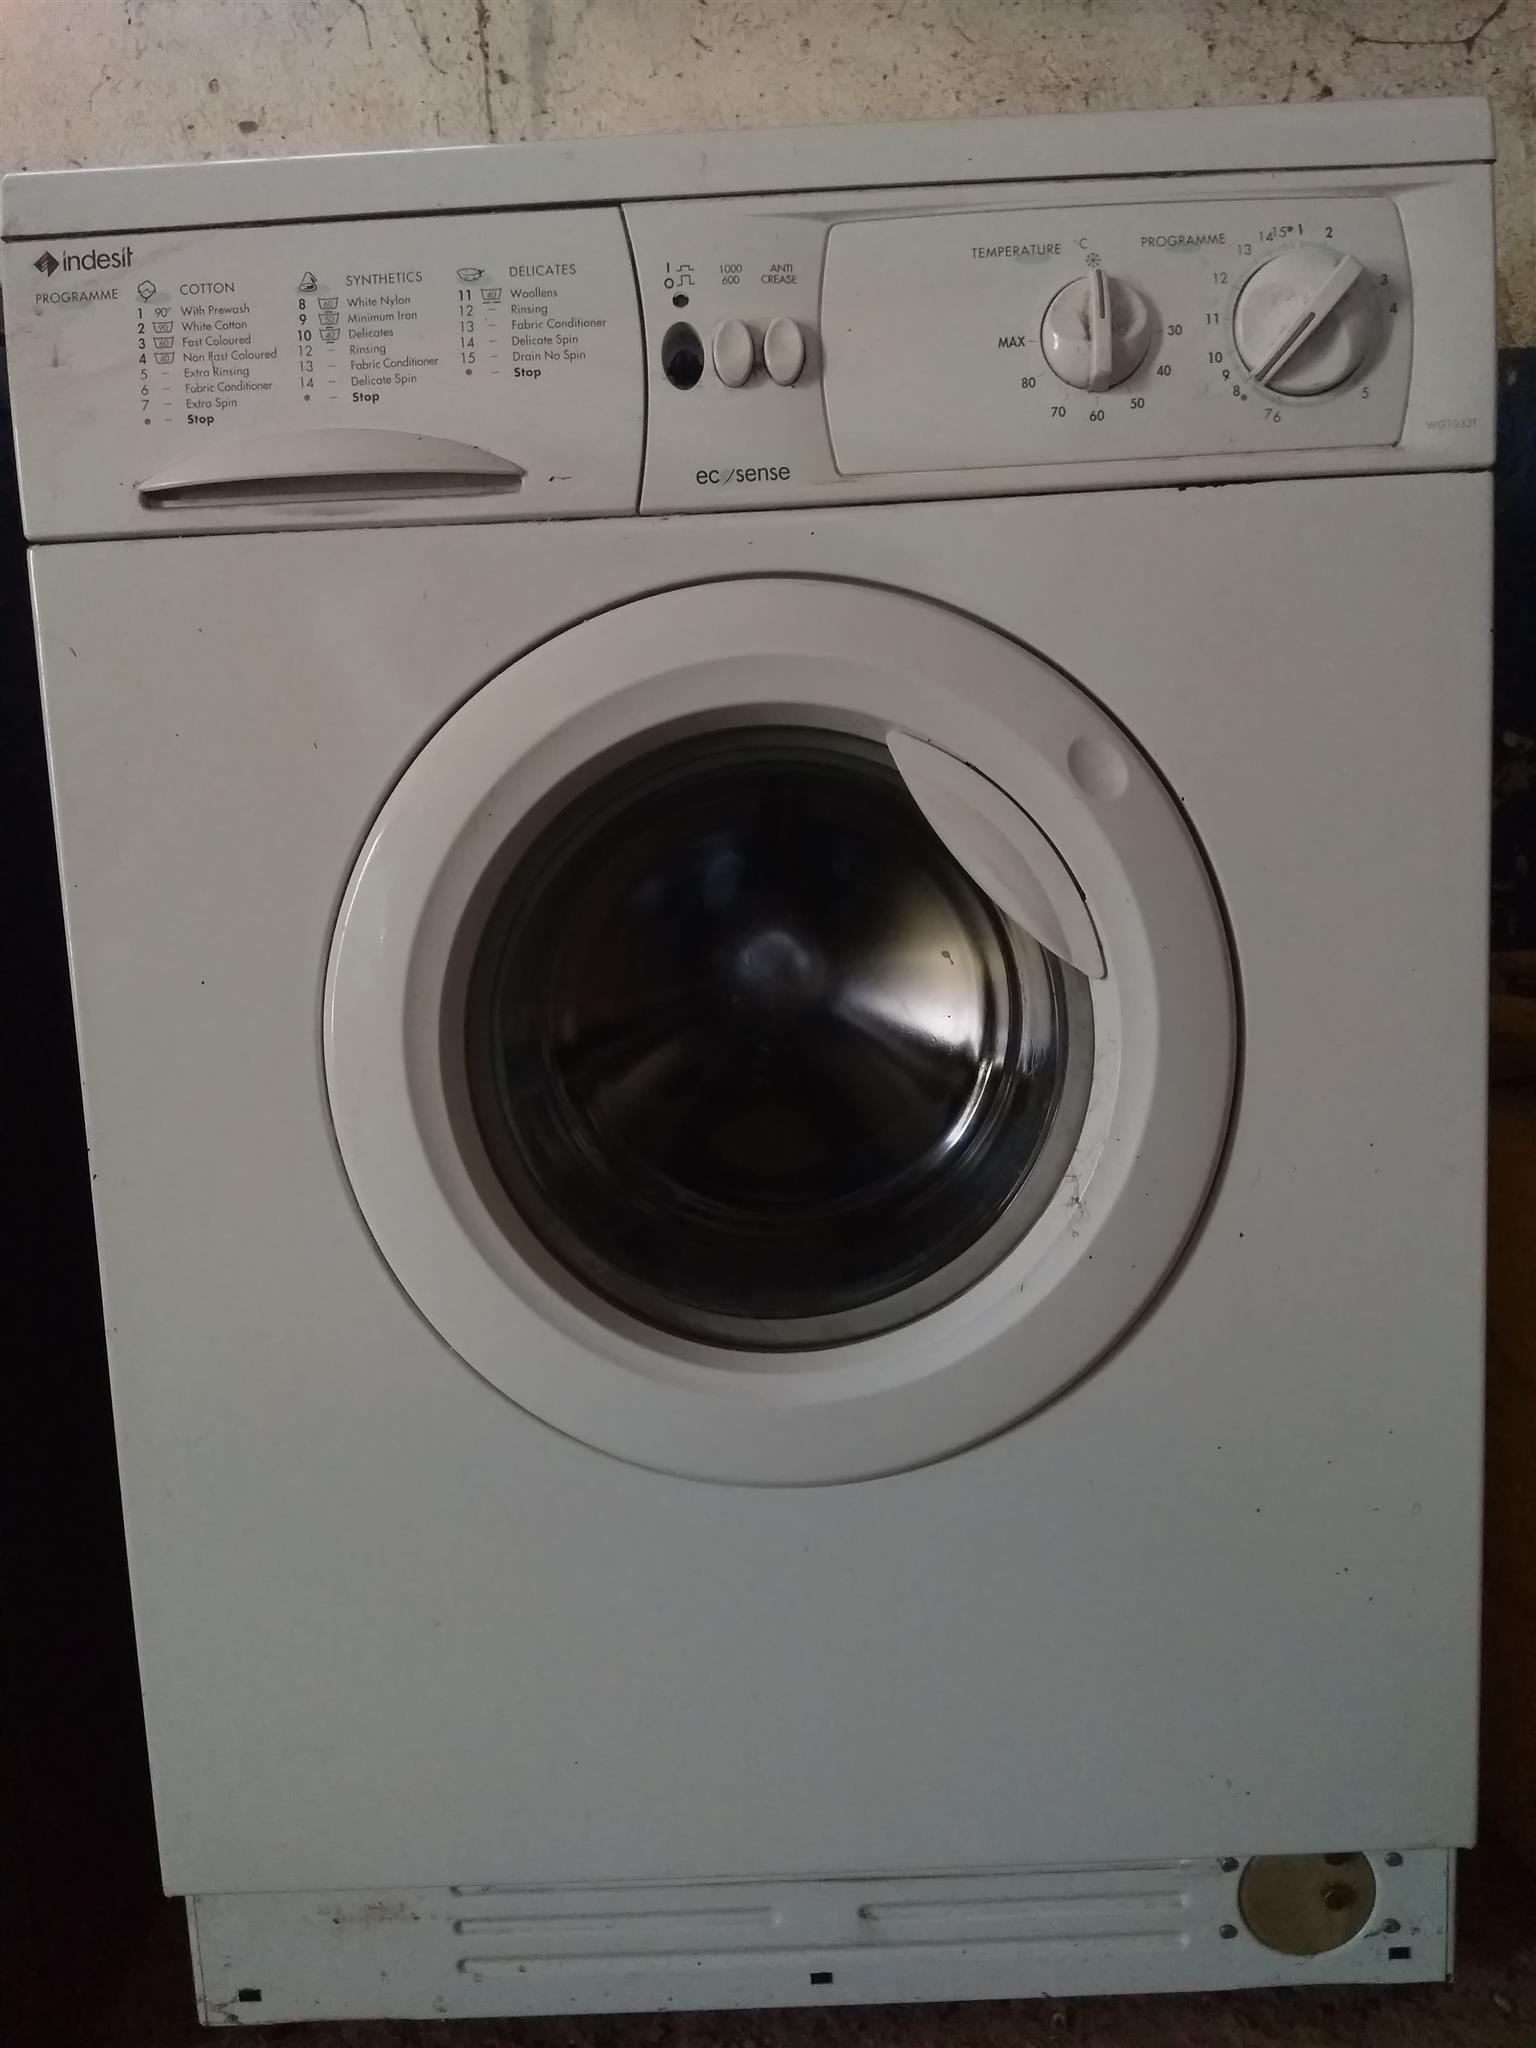 Indisit washing washing machines